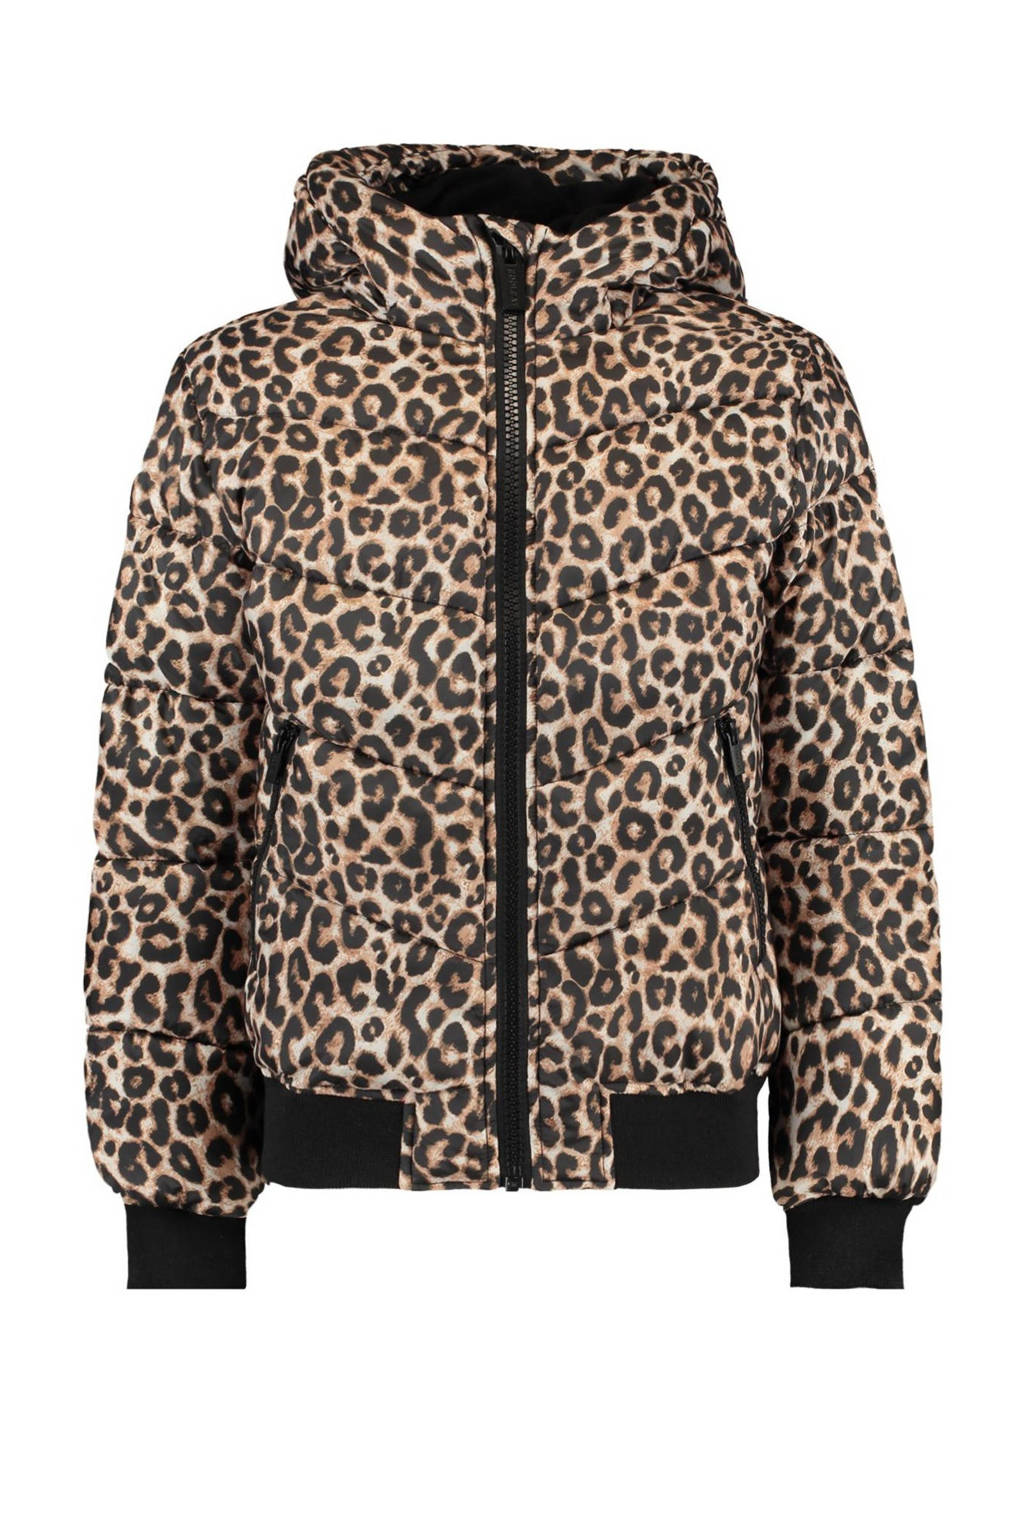 CoolCat Junior gewatteerde winterjas Jaycie met panterprint bruin/zwart, Bruin/zwart